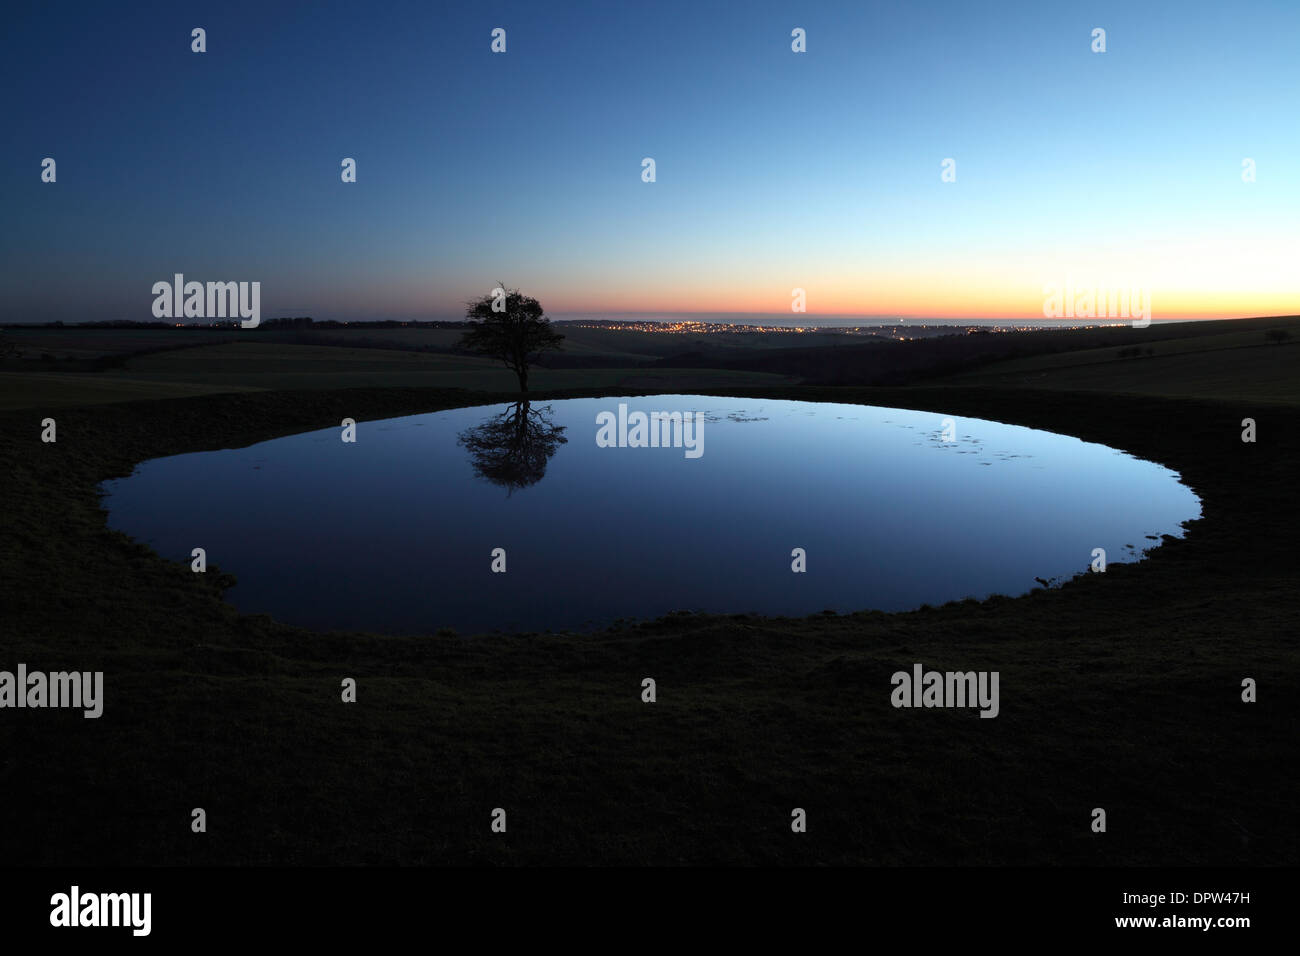 Estanque de rocío en el South Downs al anochecer. El mar y las luces de Brighton son sólo visibles en el fondo. Imagen De Stock